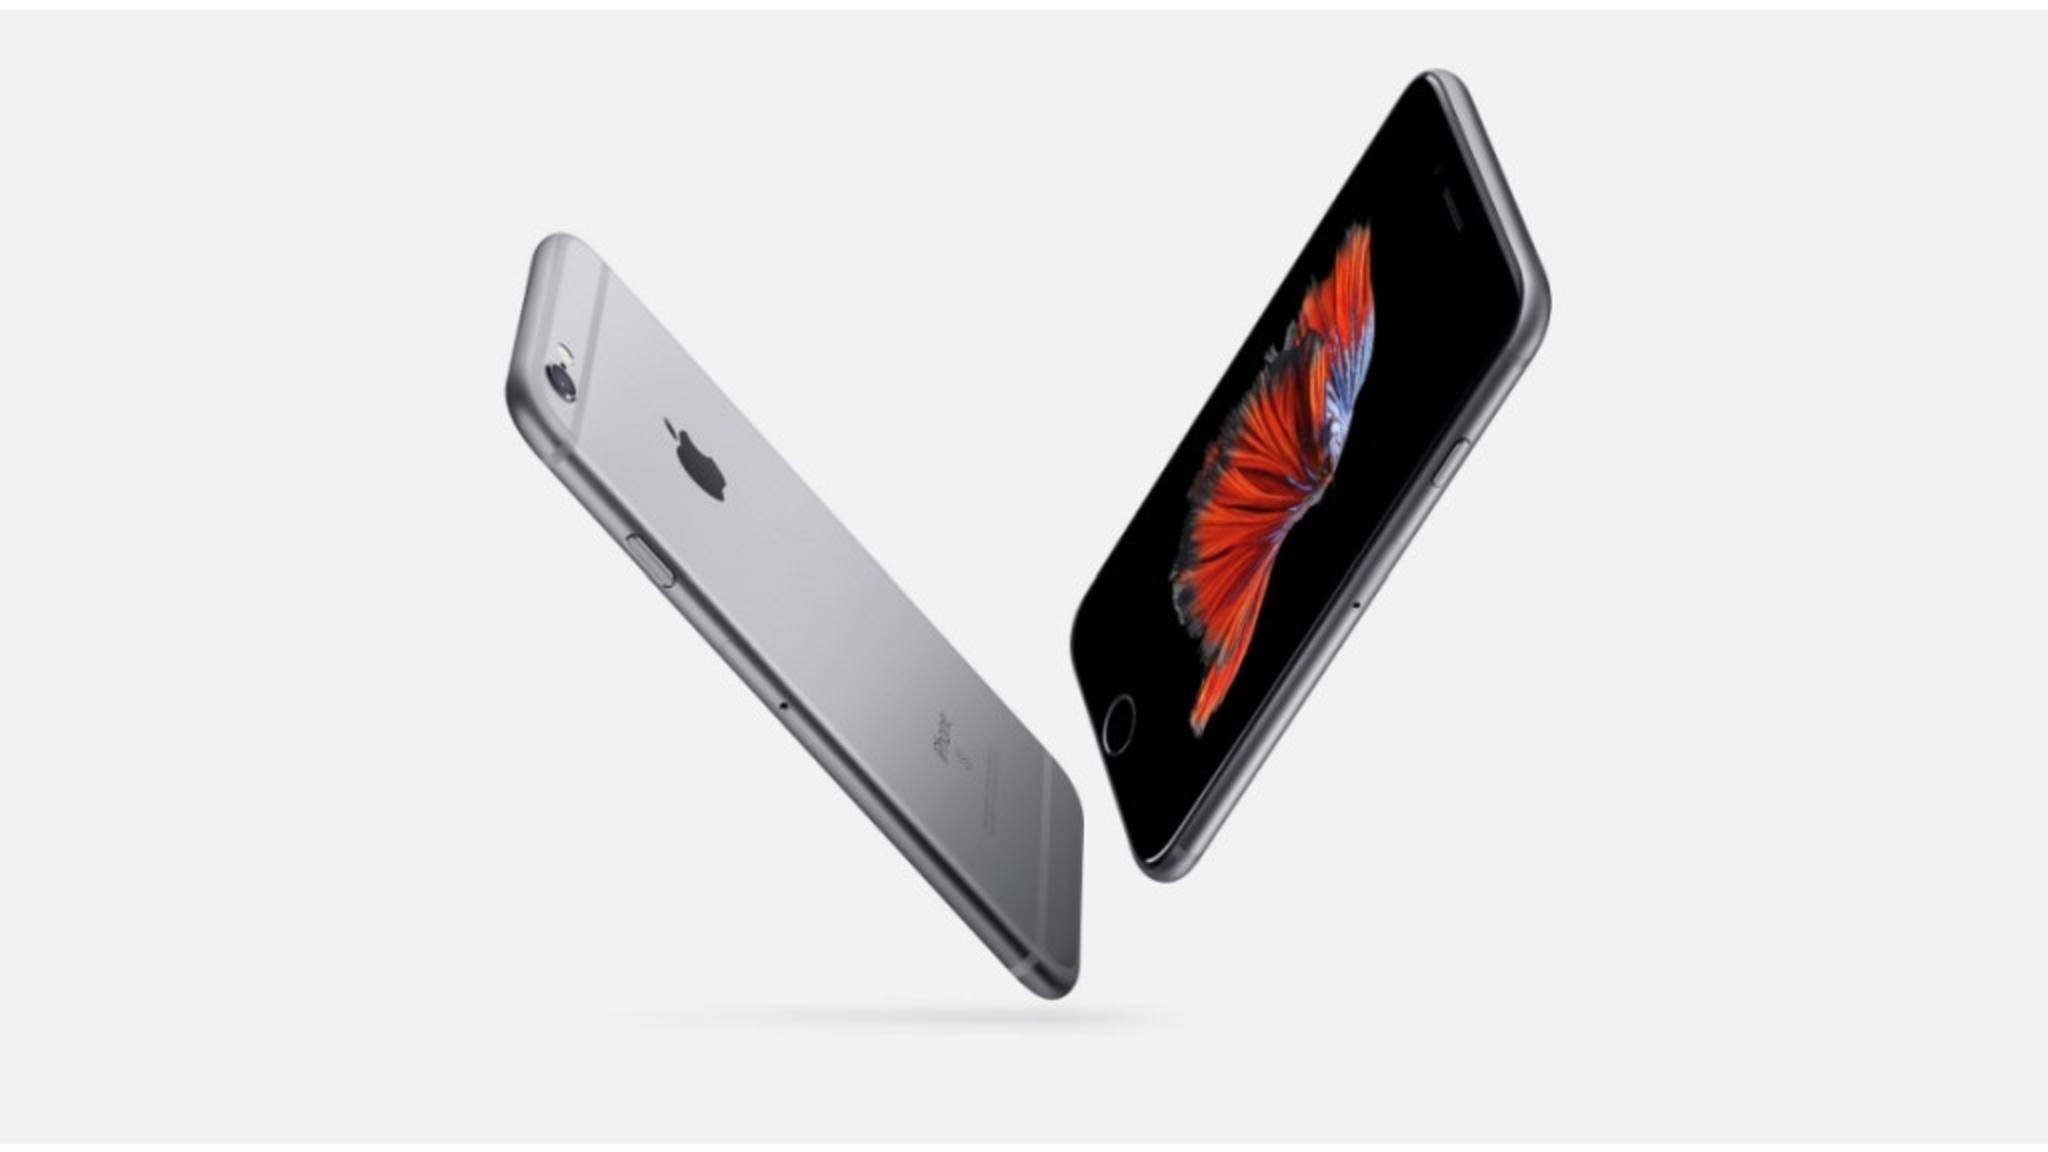 Das iPhone 6s war das im Jahr 2016 am häufigsten ausgelieferte Smartphone.